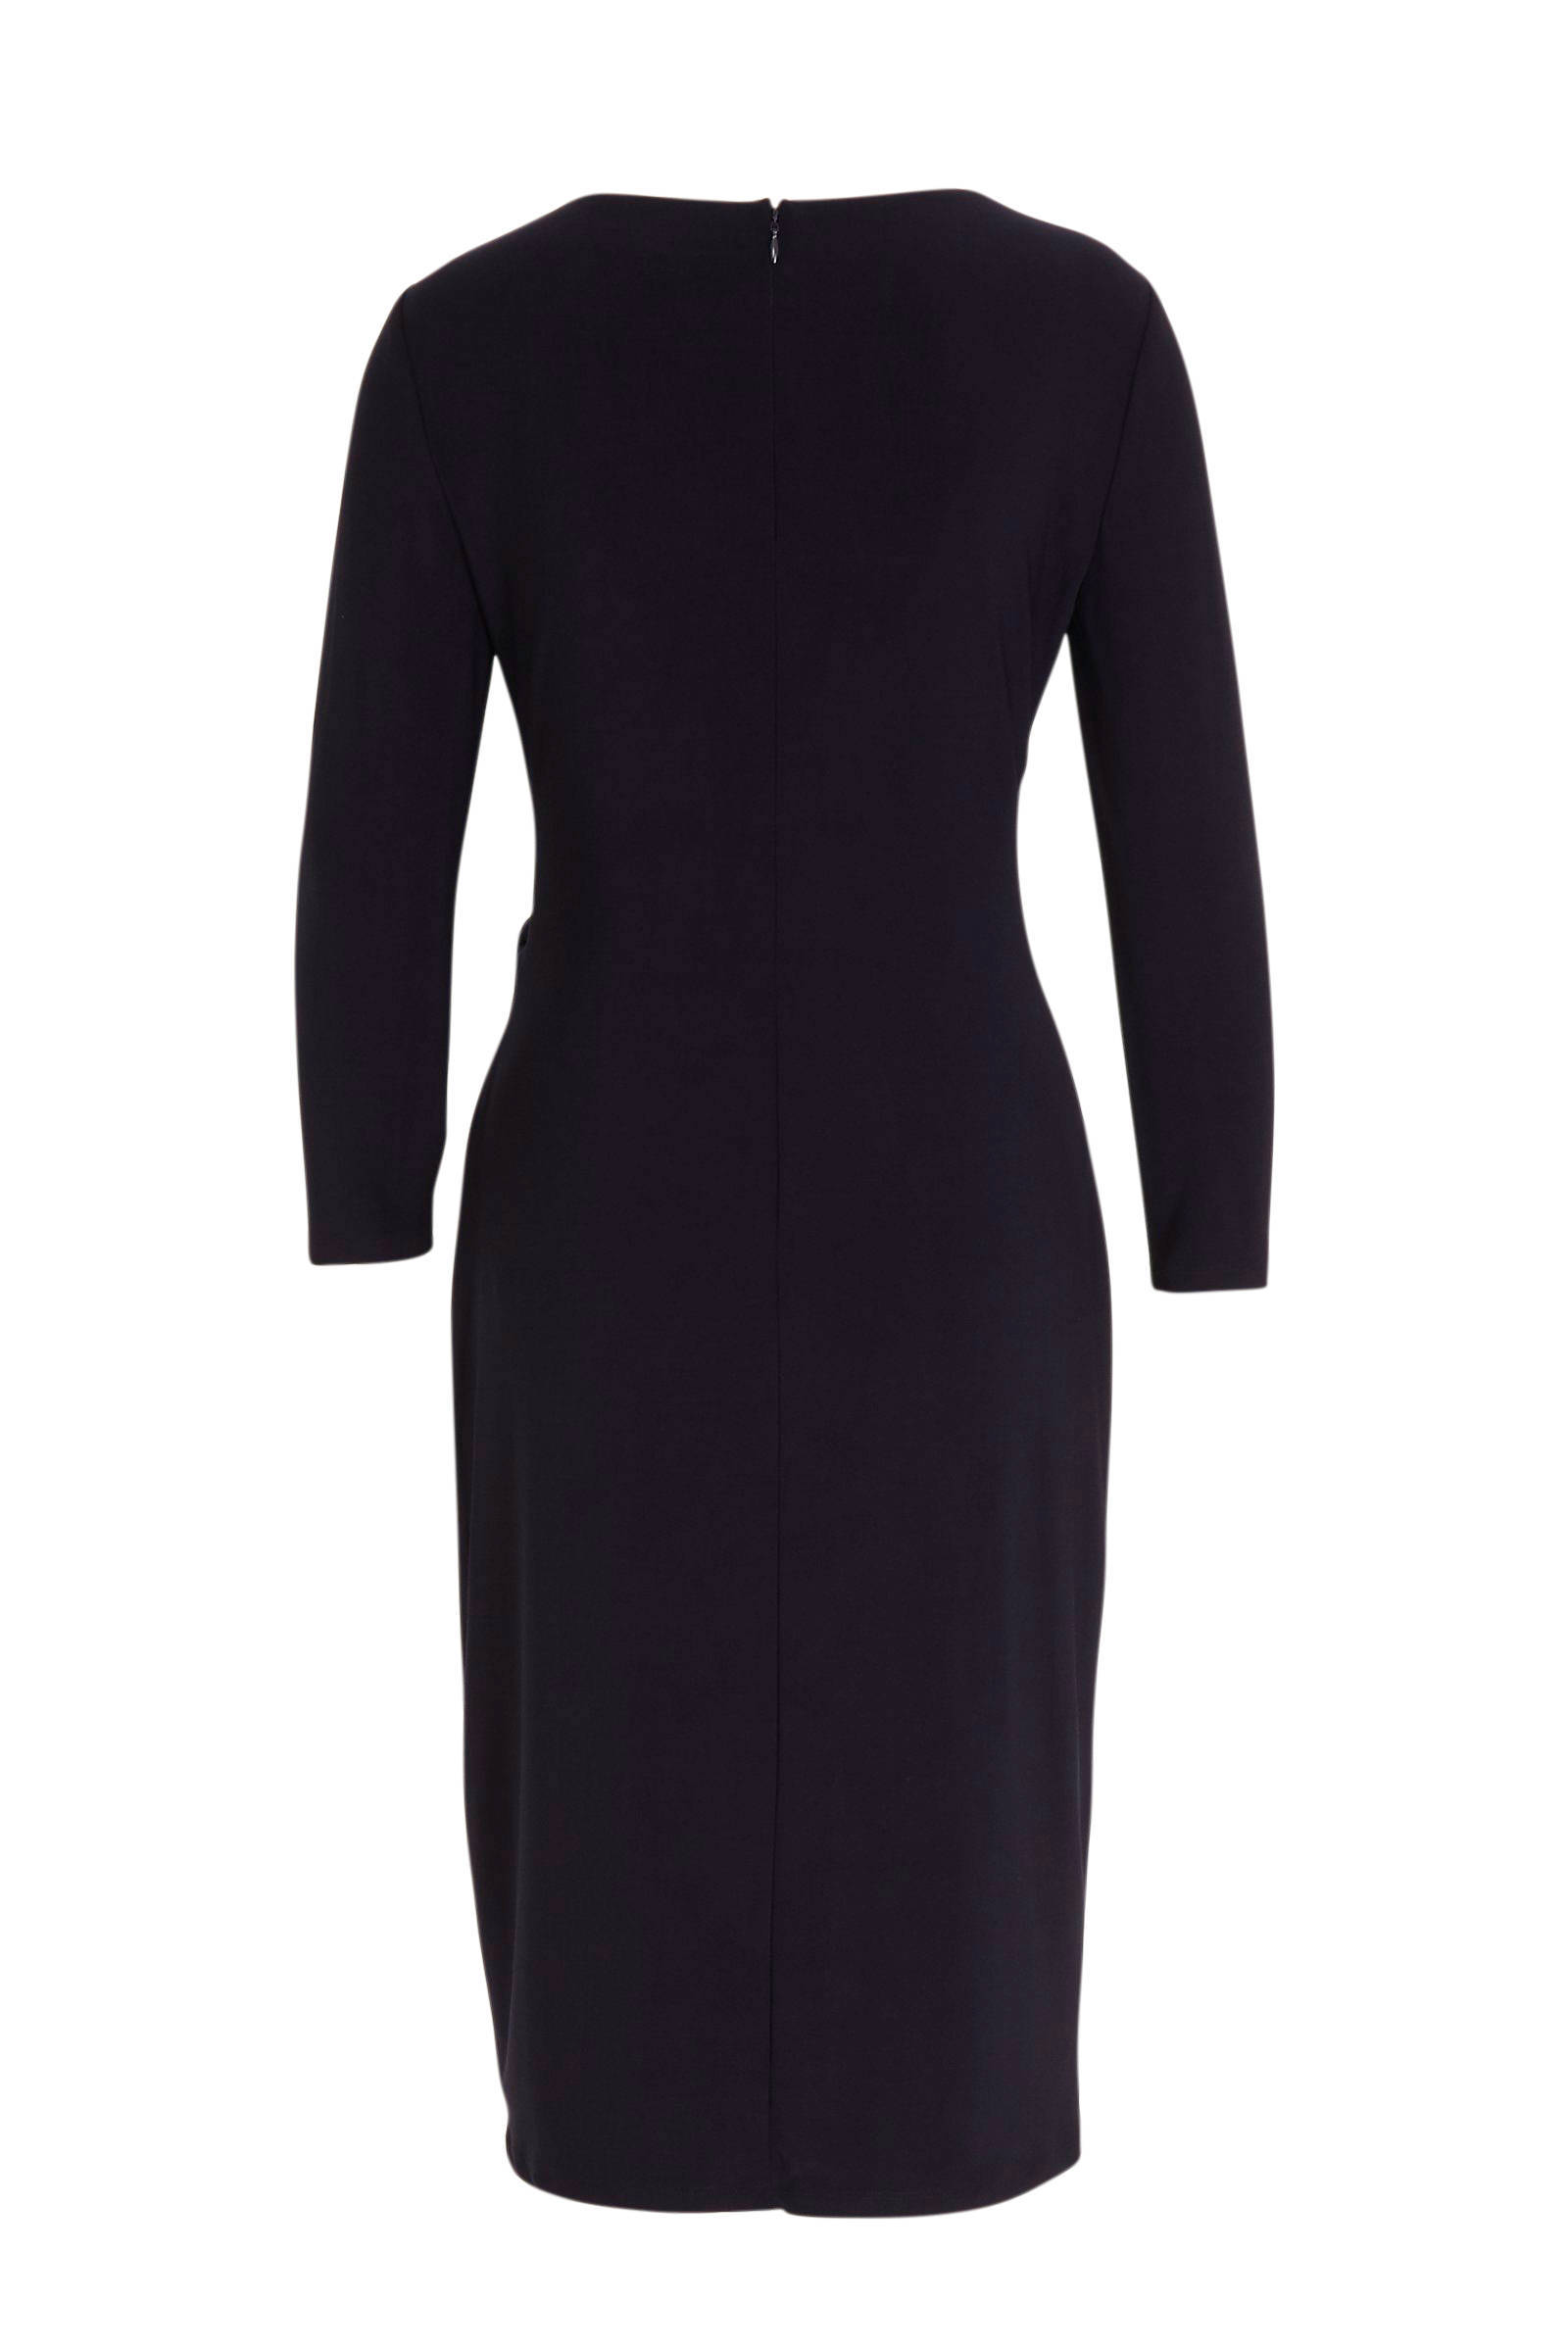 Lauren Ralph Lauren jurk Robbyann en plooien donkerblauw/ecru